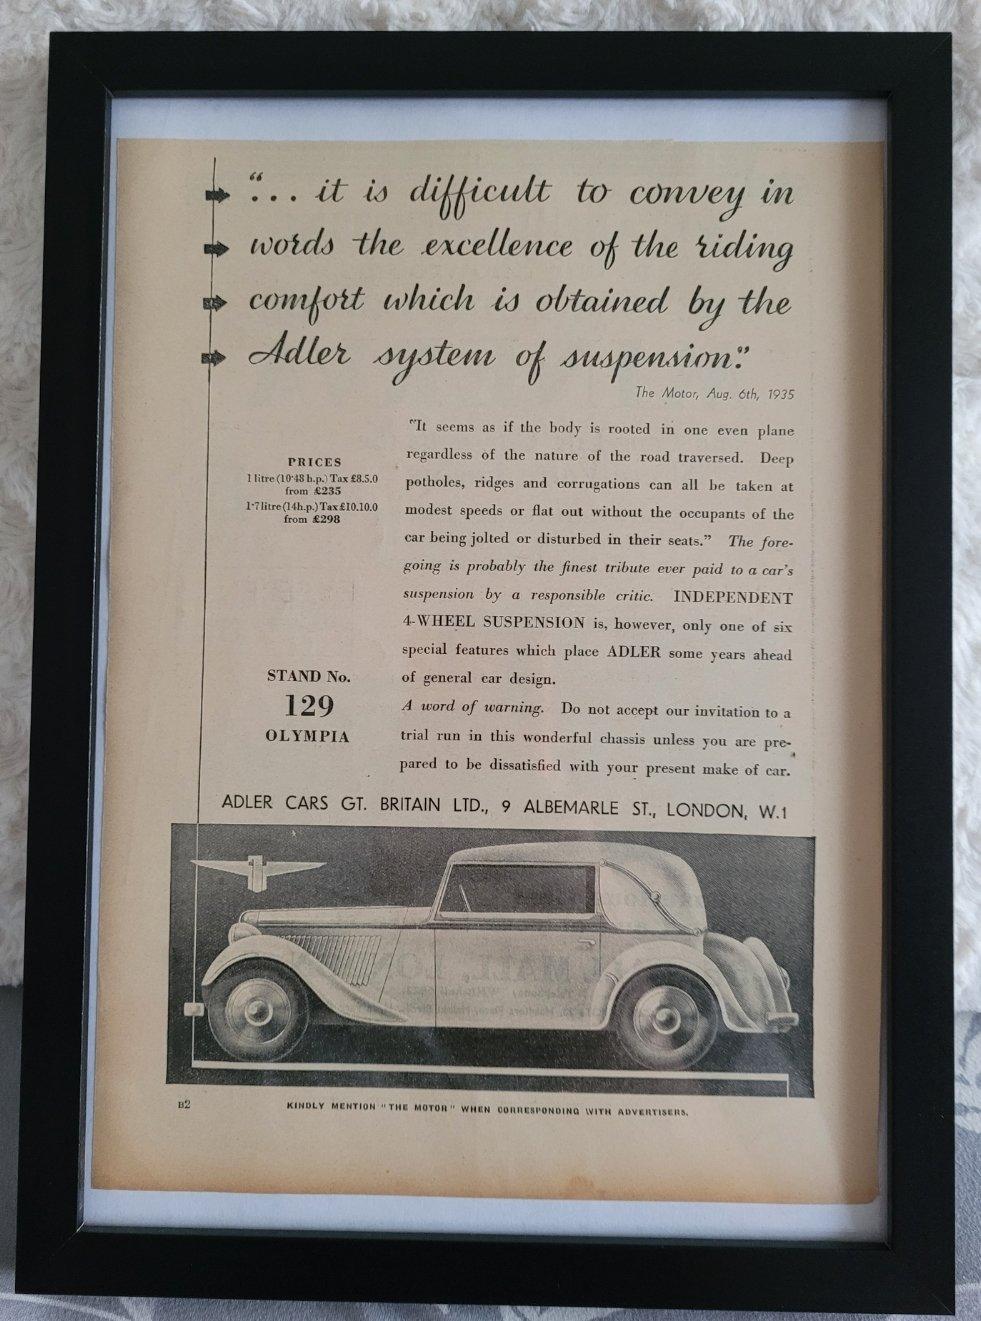 1975 Original 1935 Adler Framed Advert  For Sale (picture 1 of 3)